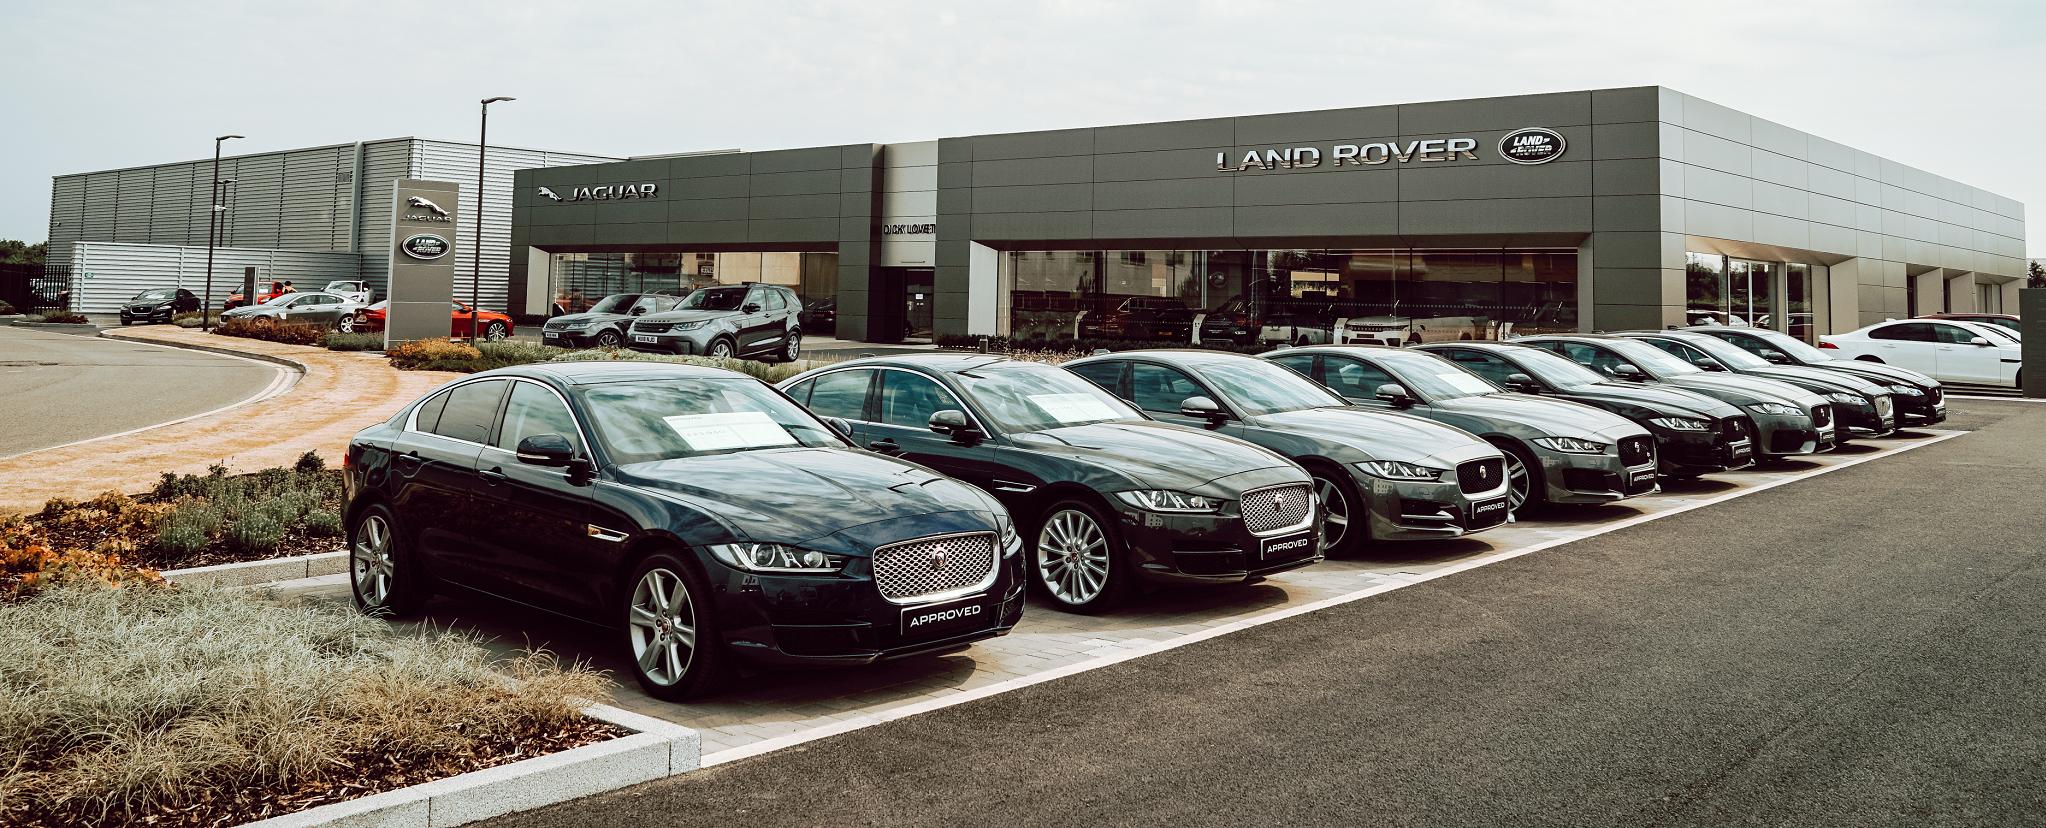 Dick Lovett Jaguar Land Rover